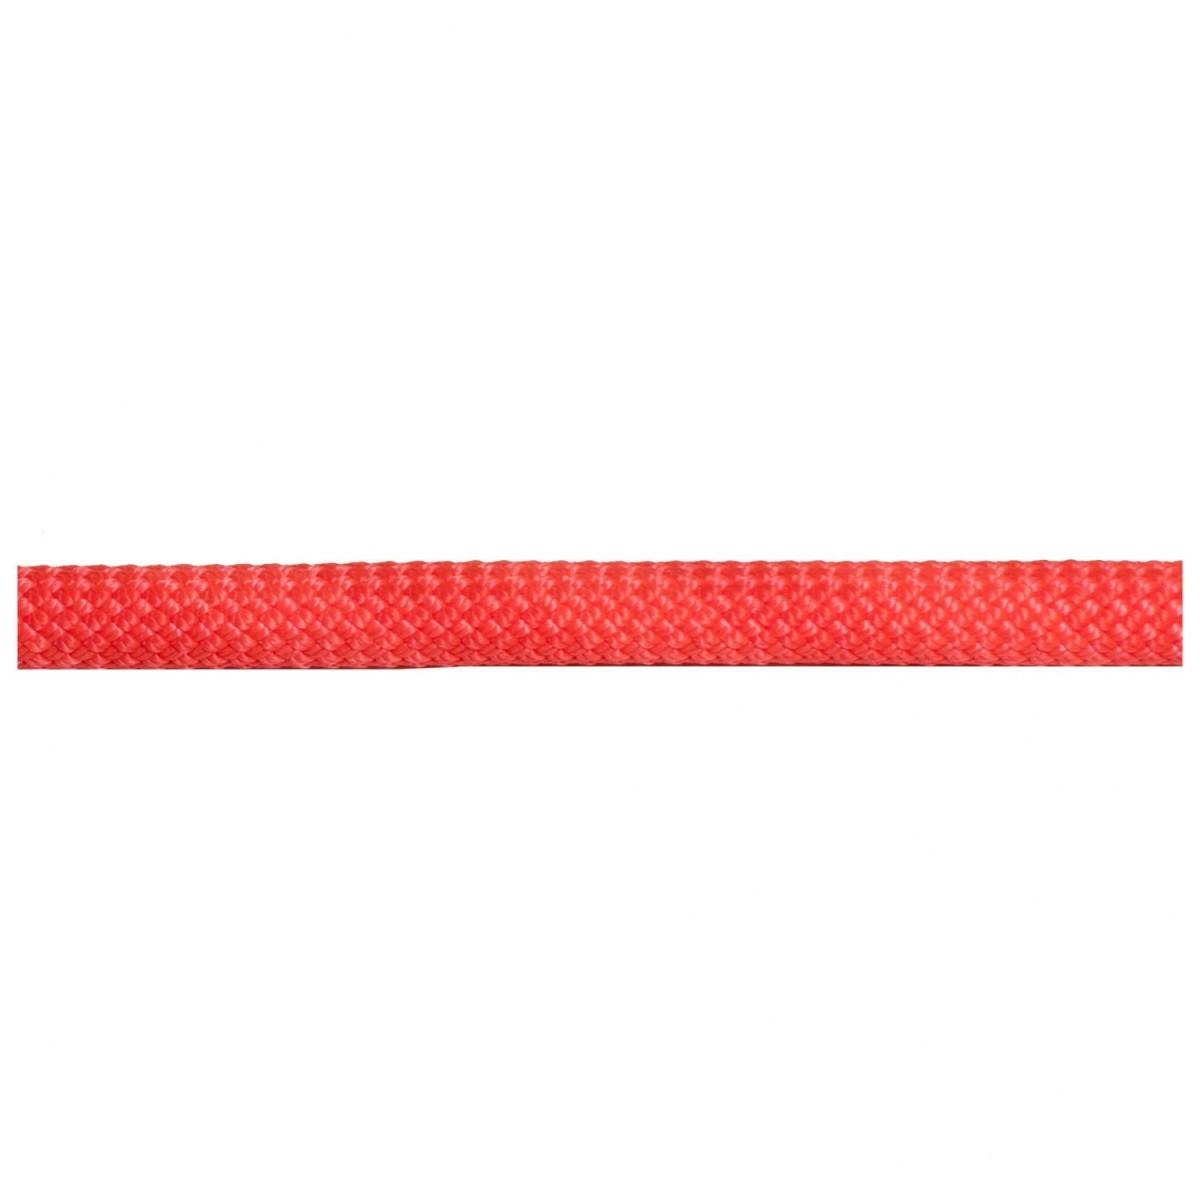 BEAL べアール Joker 9.1 mm (80m - Orange)★ロープ・ザイル・登山・クライミング★